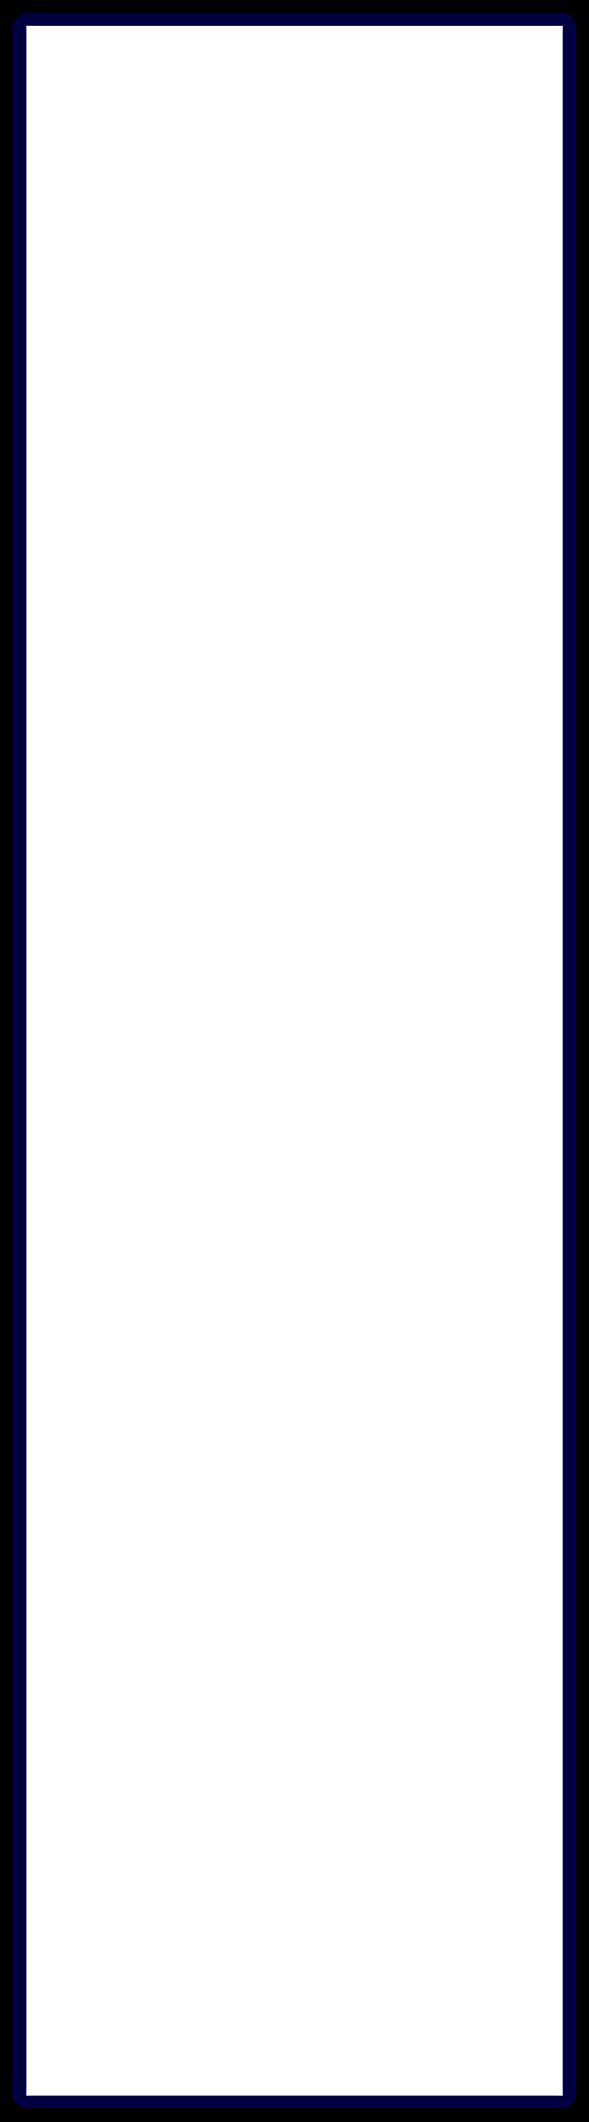 Bookmark Clip Art Black and White.